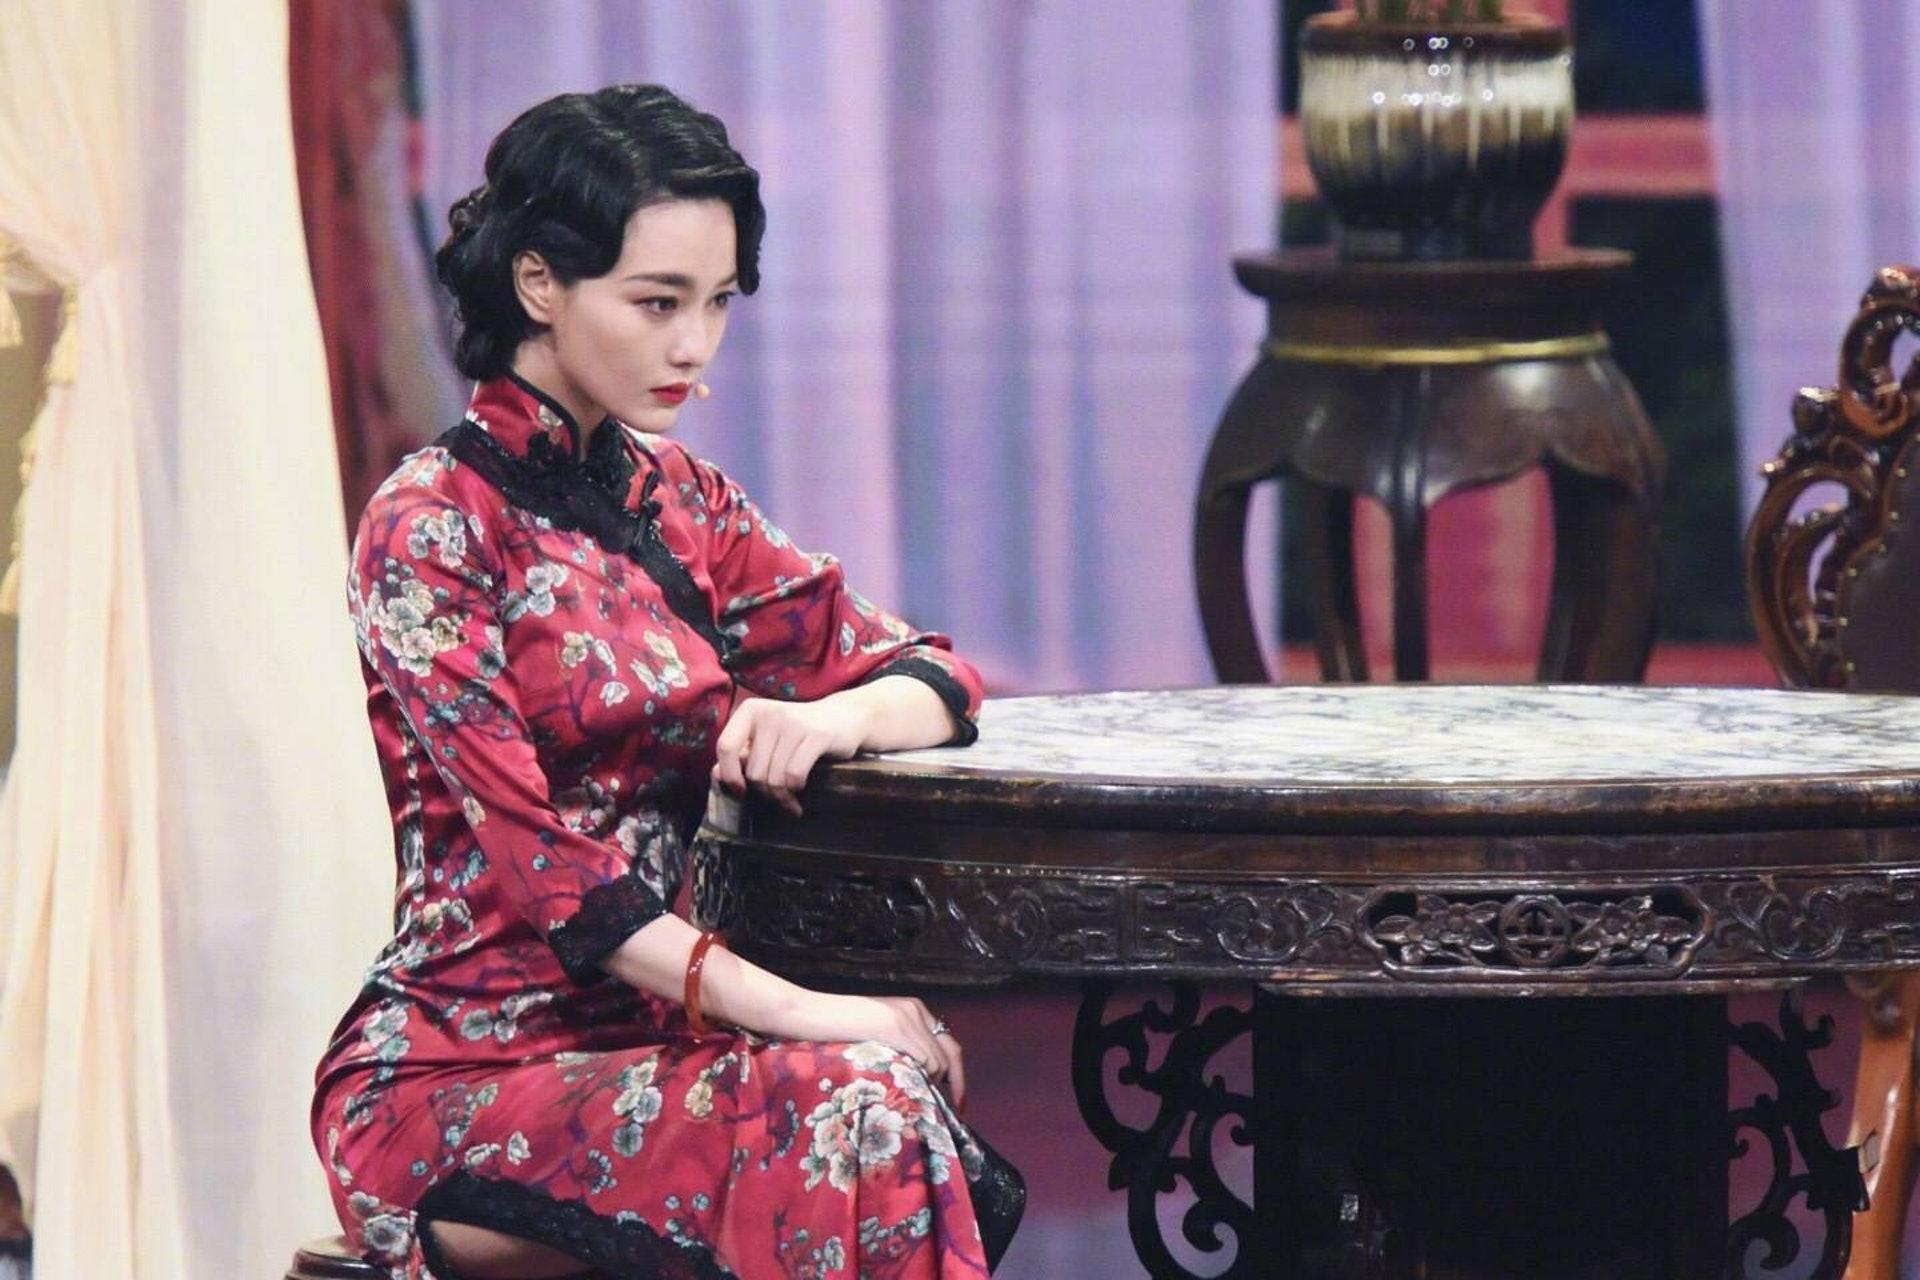 張馨予飾演的姐姐被章子怡批評。(網上圖片)